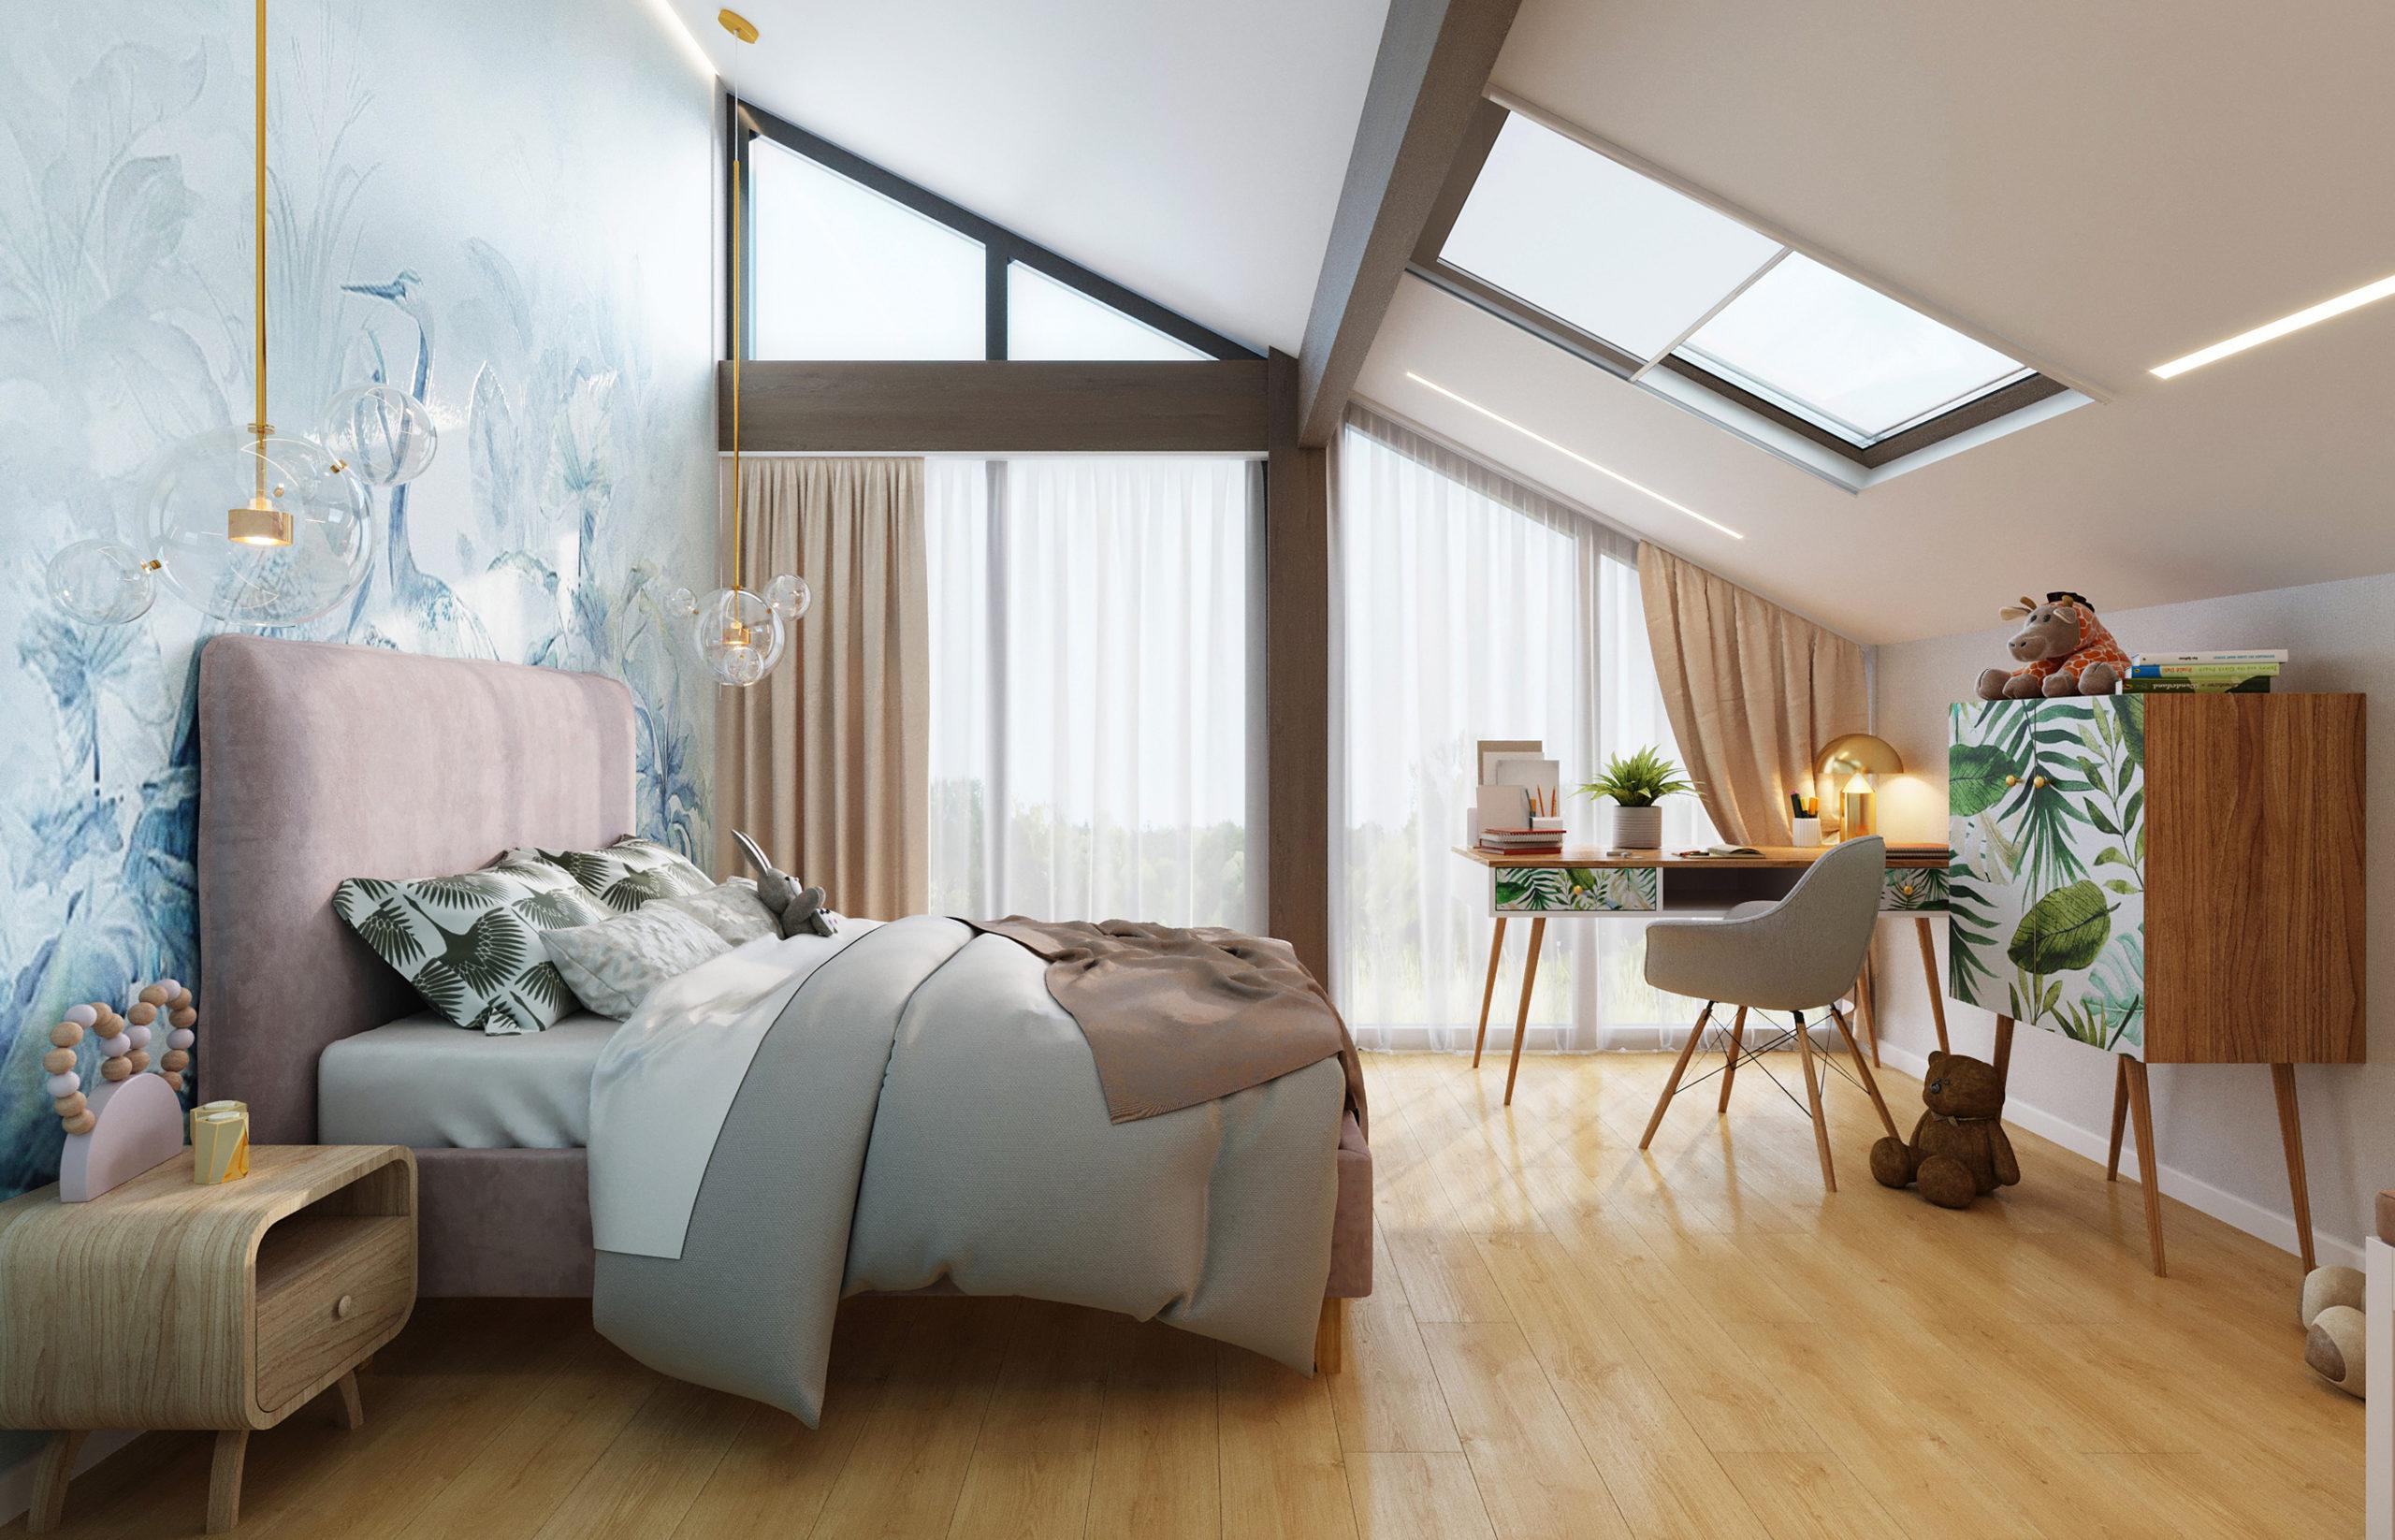 Дизайн интерьера комнаты девочки с панорамным окном во всю стену